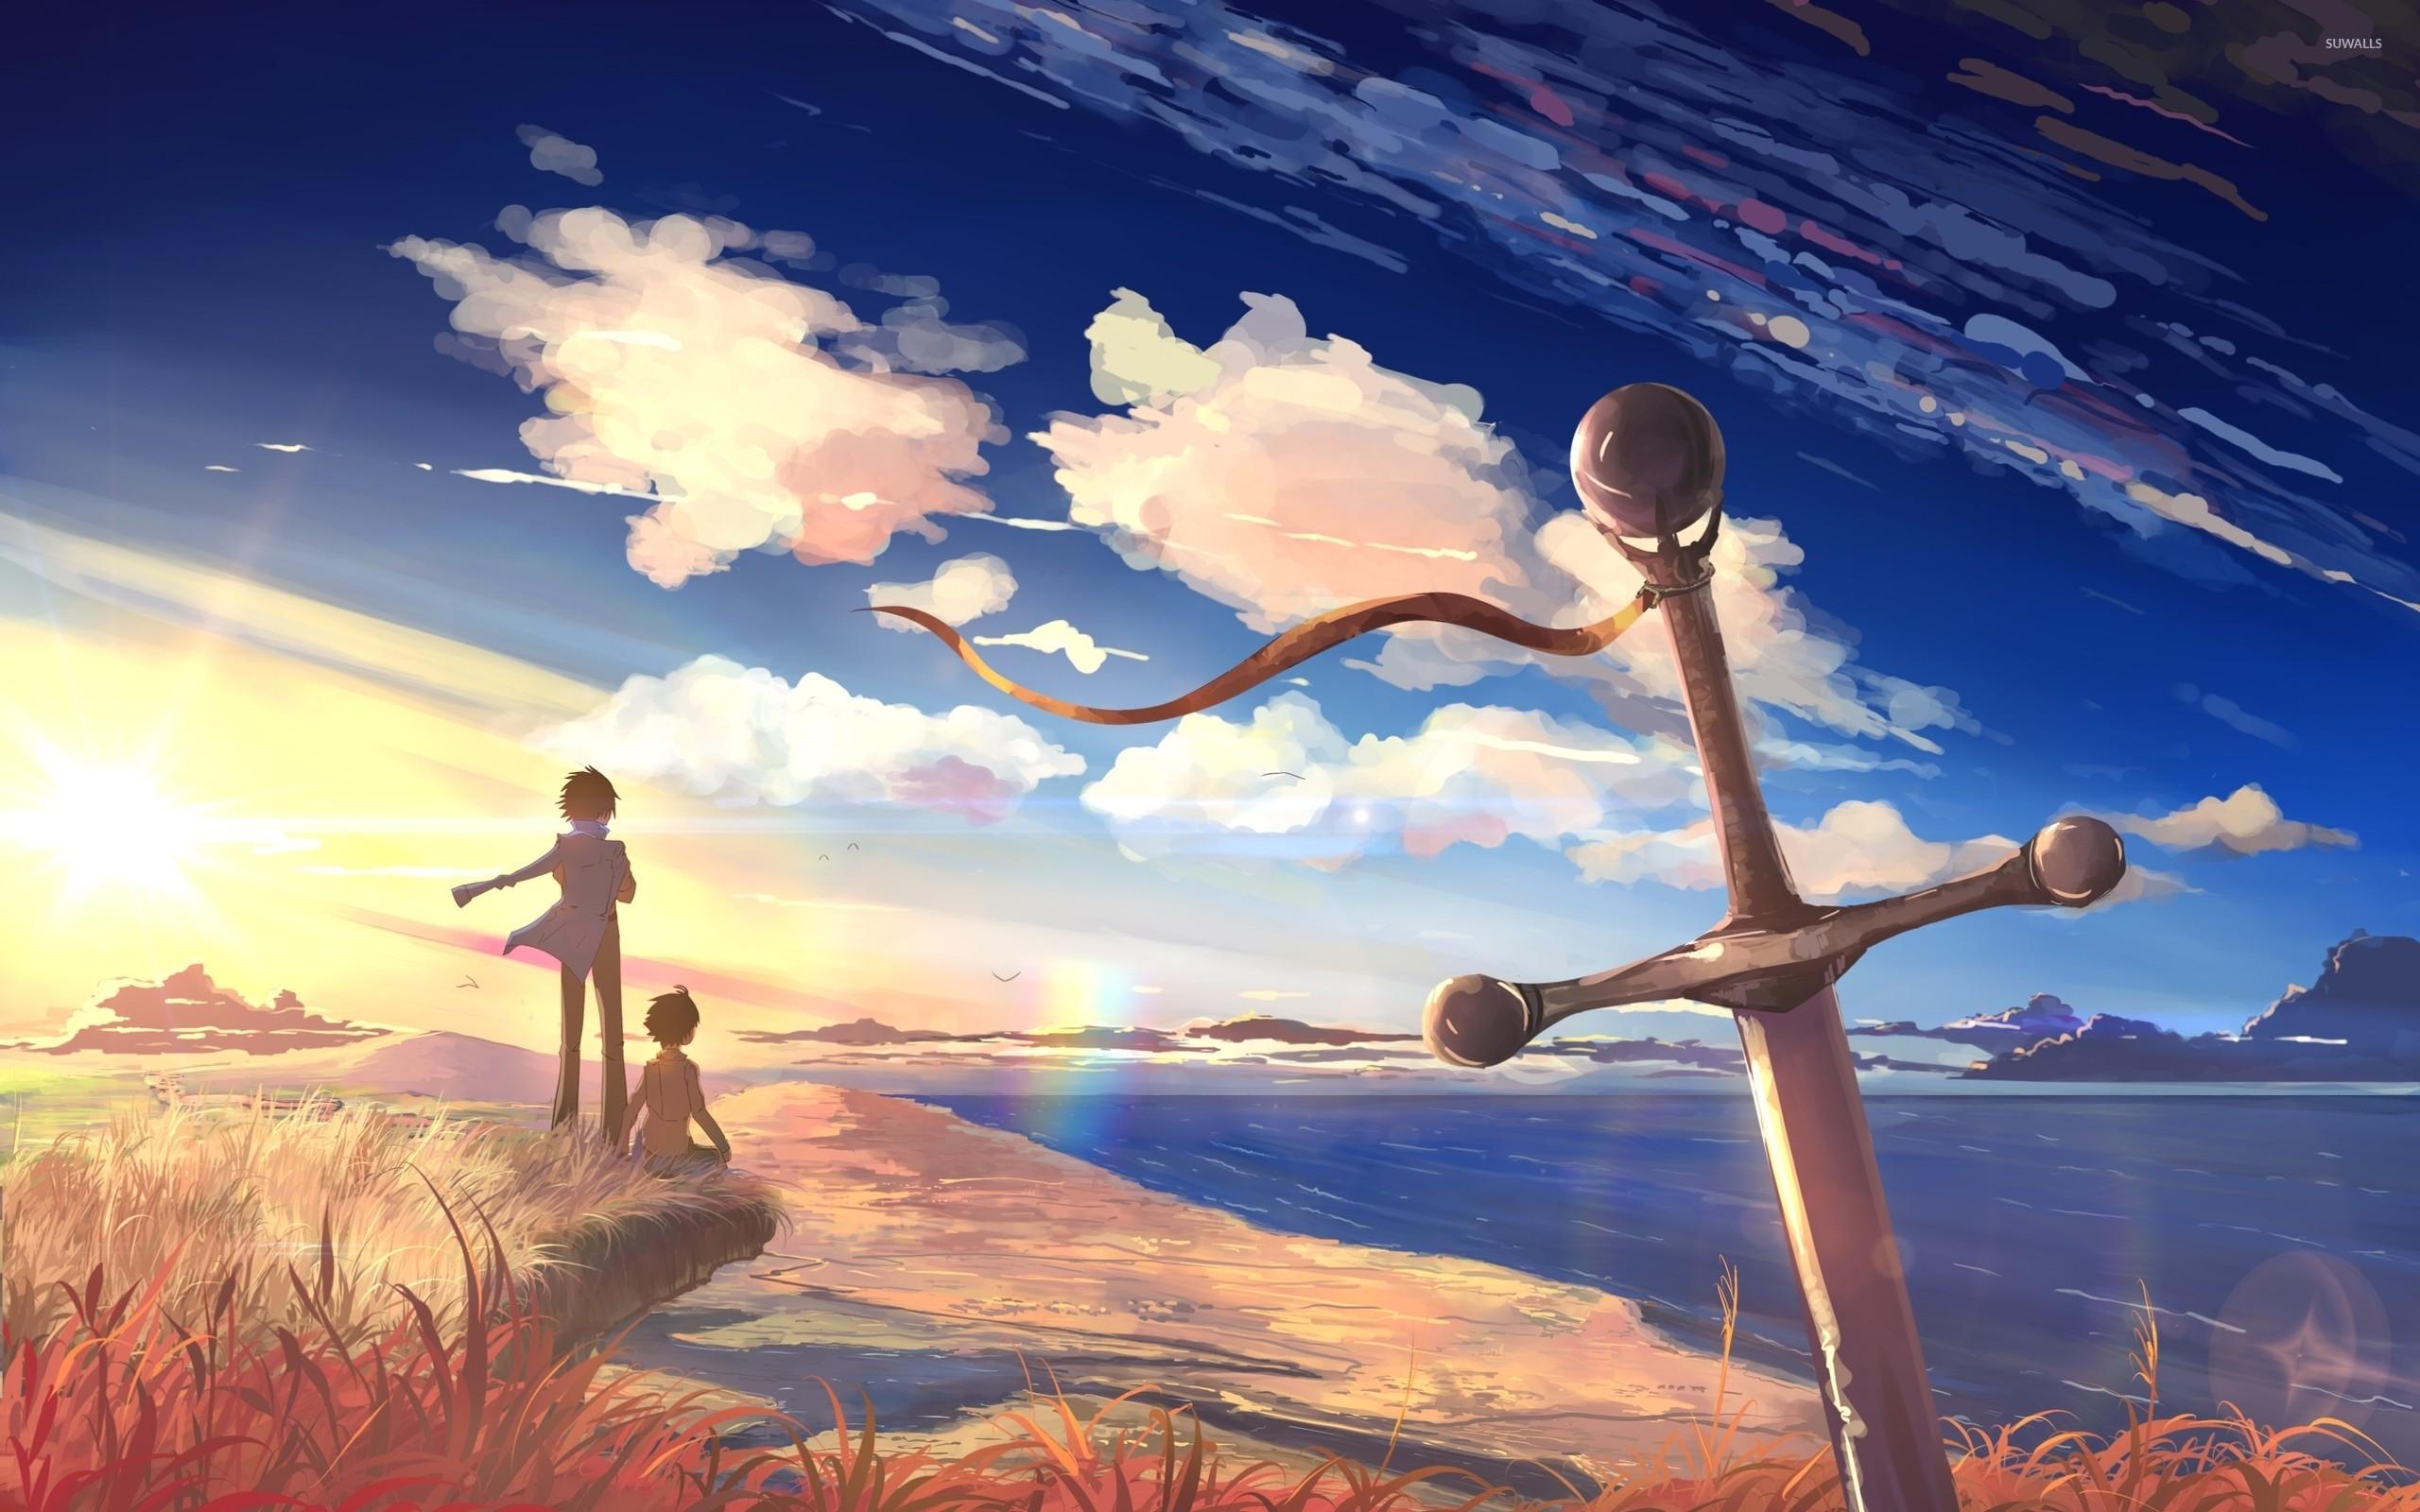 wallpaper anime 5cm per second labzada wallpaper